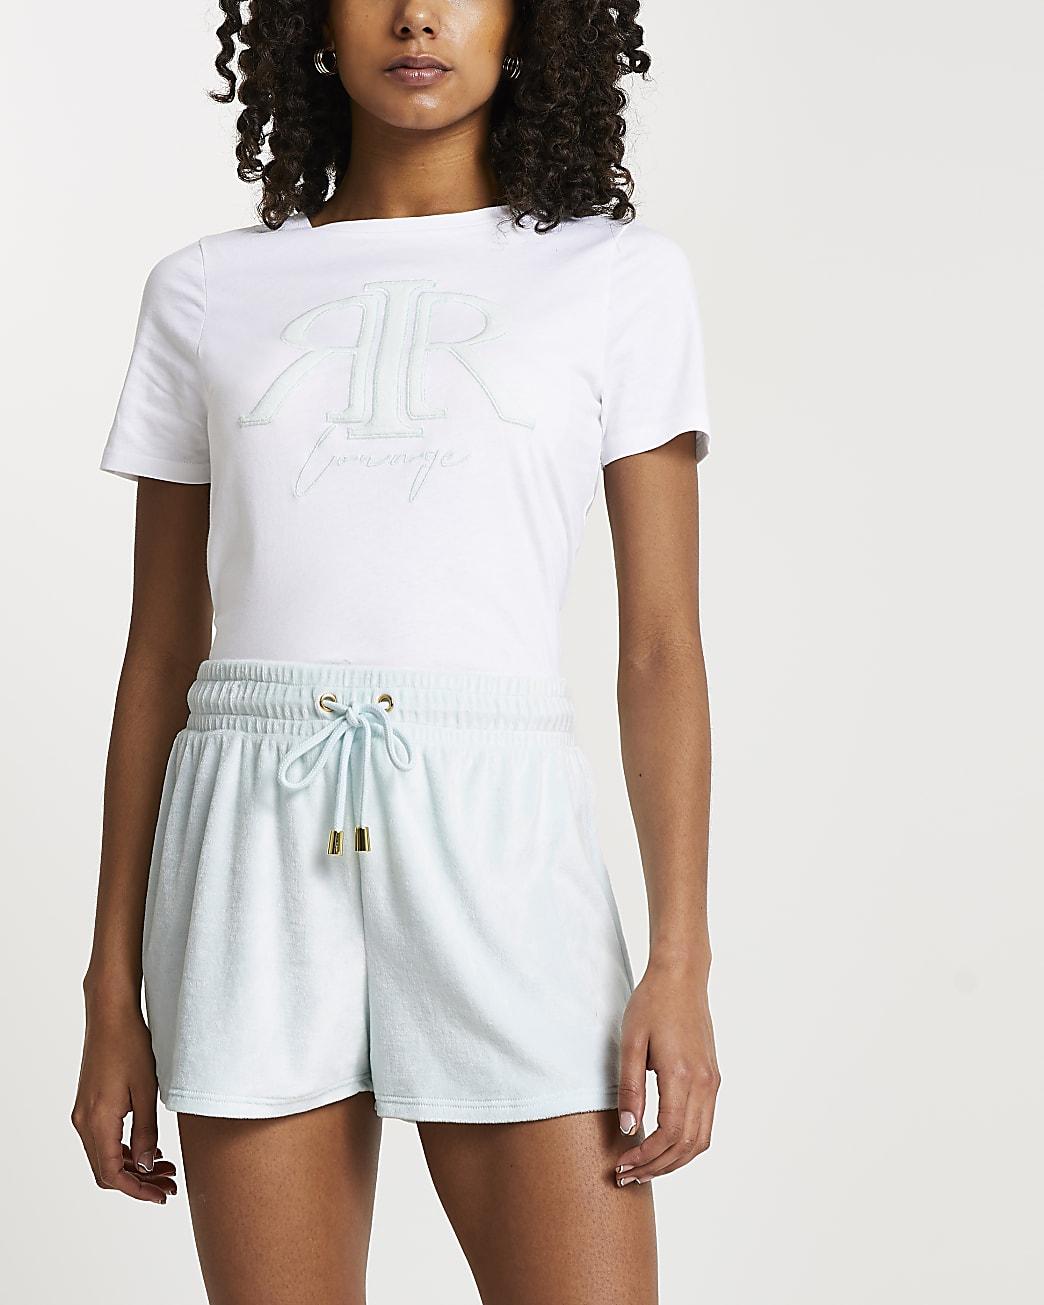 White 'RIR' embossed short sleeve t-shirt